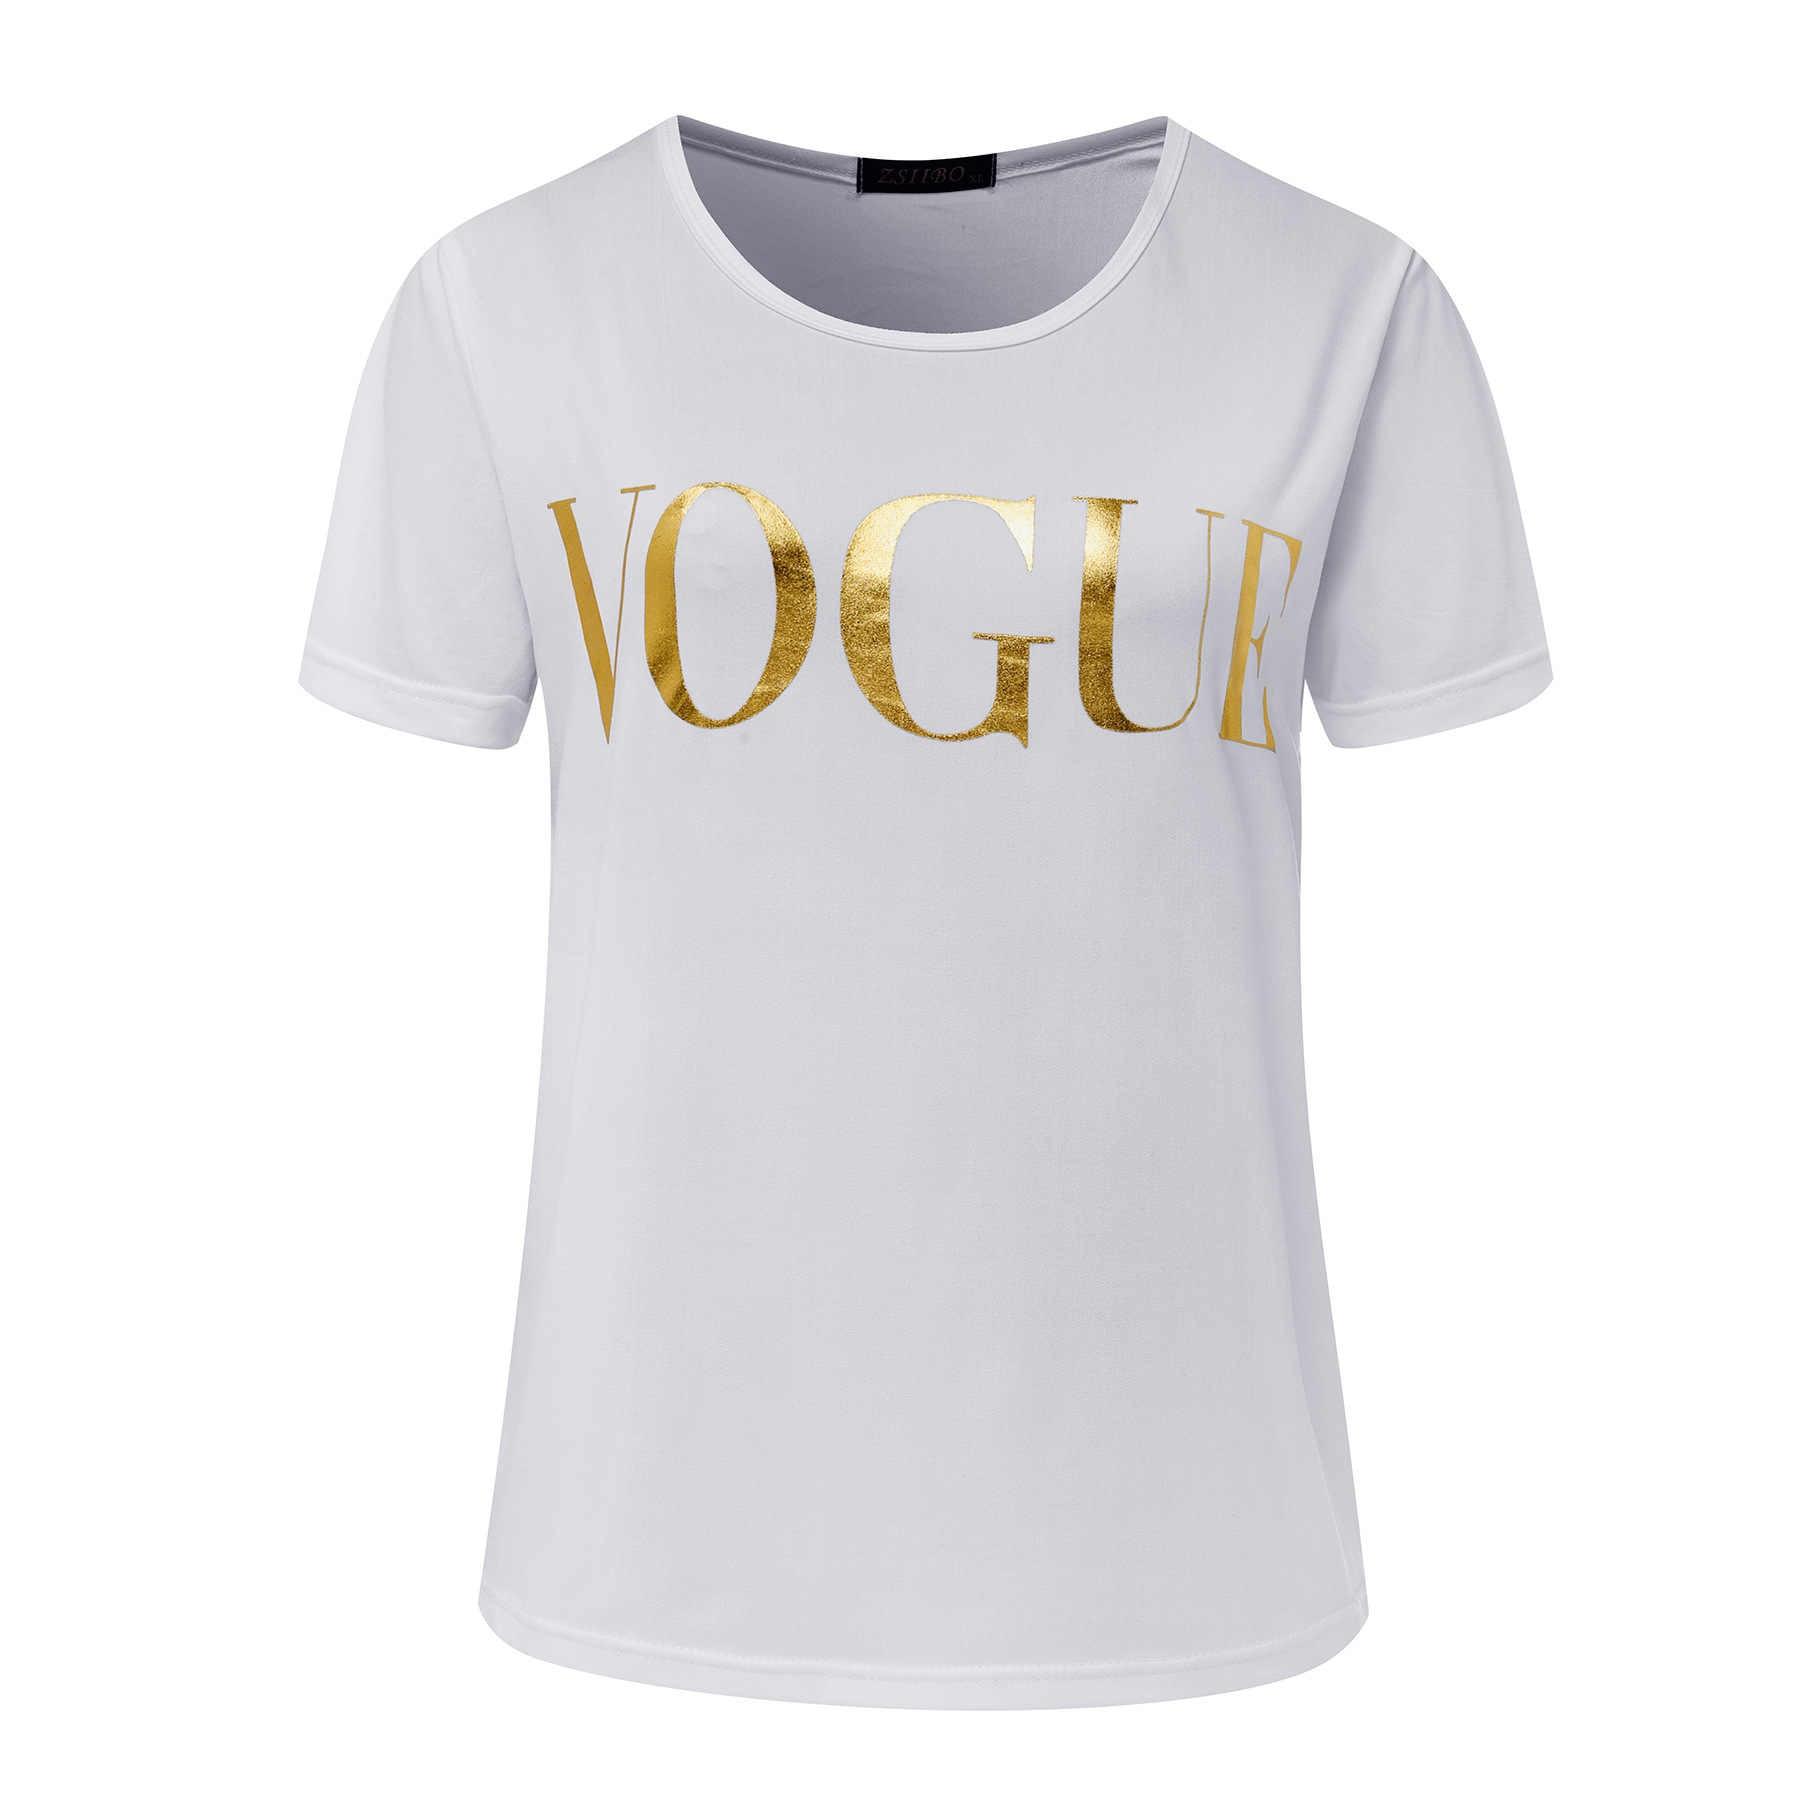 T-shirt femmes T-shirt 2019 nouveau vintage vogue lettre imprimer femmes à manches courtes style d'été T-shirt femme vestidos ropa mujer T012